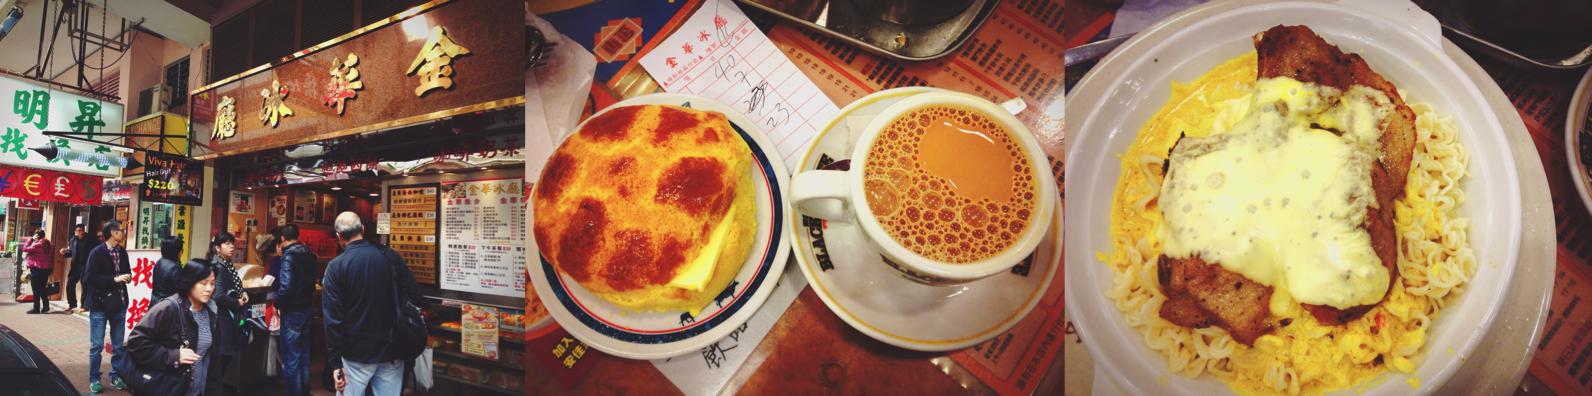 http://kumory.blogspot.sg/2014/05/hong-kong-kum-wah-cafe-at-bute-street.html